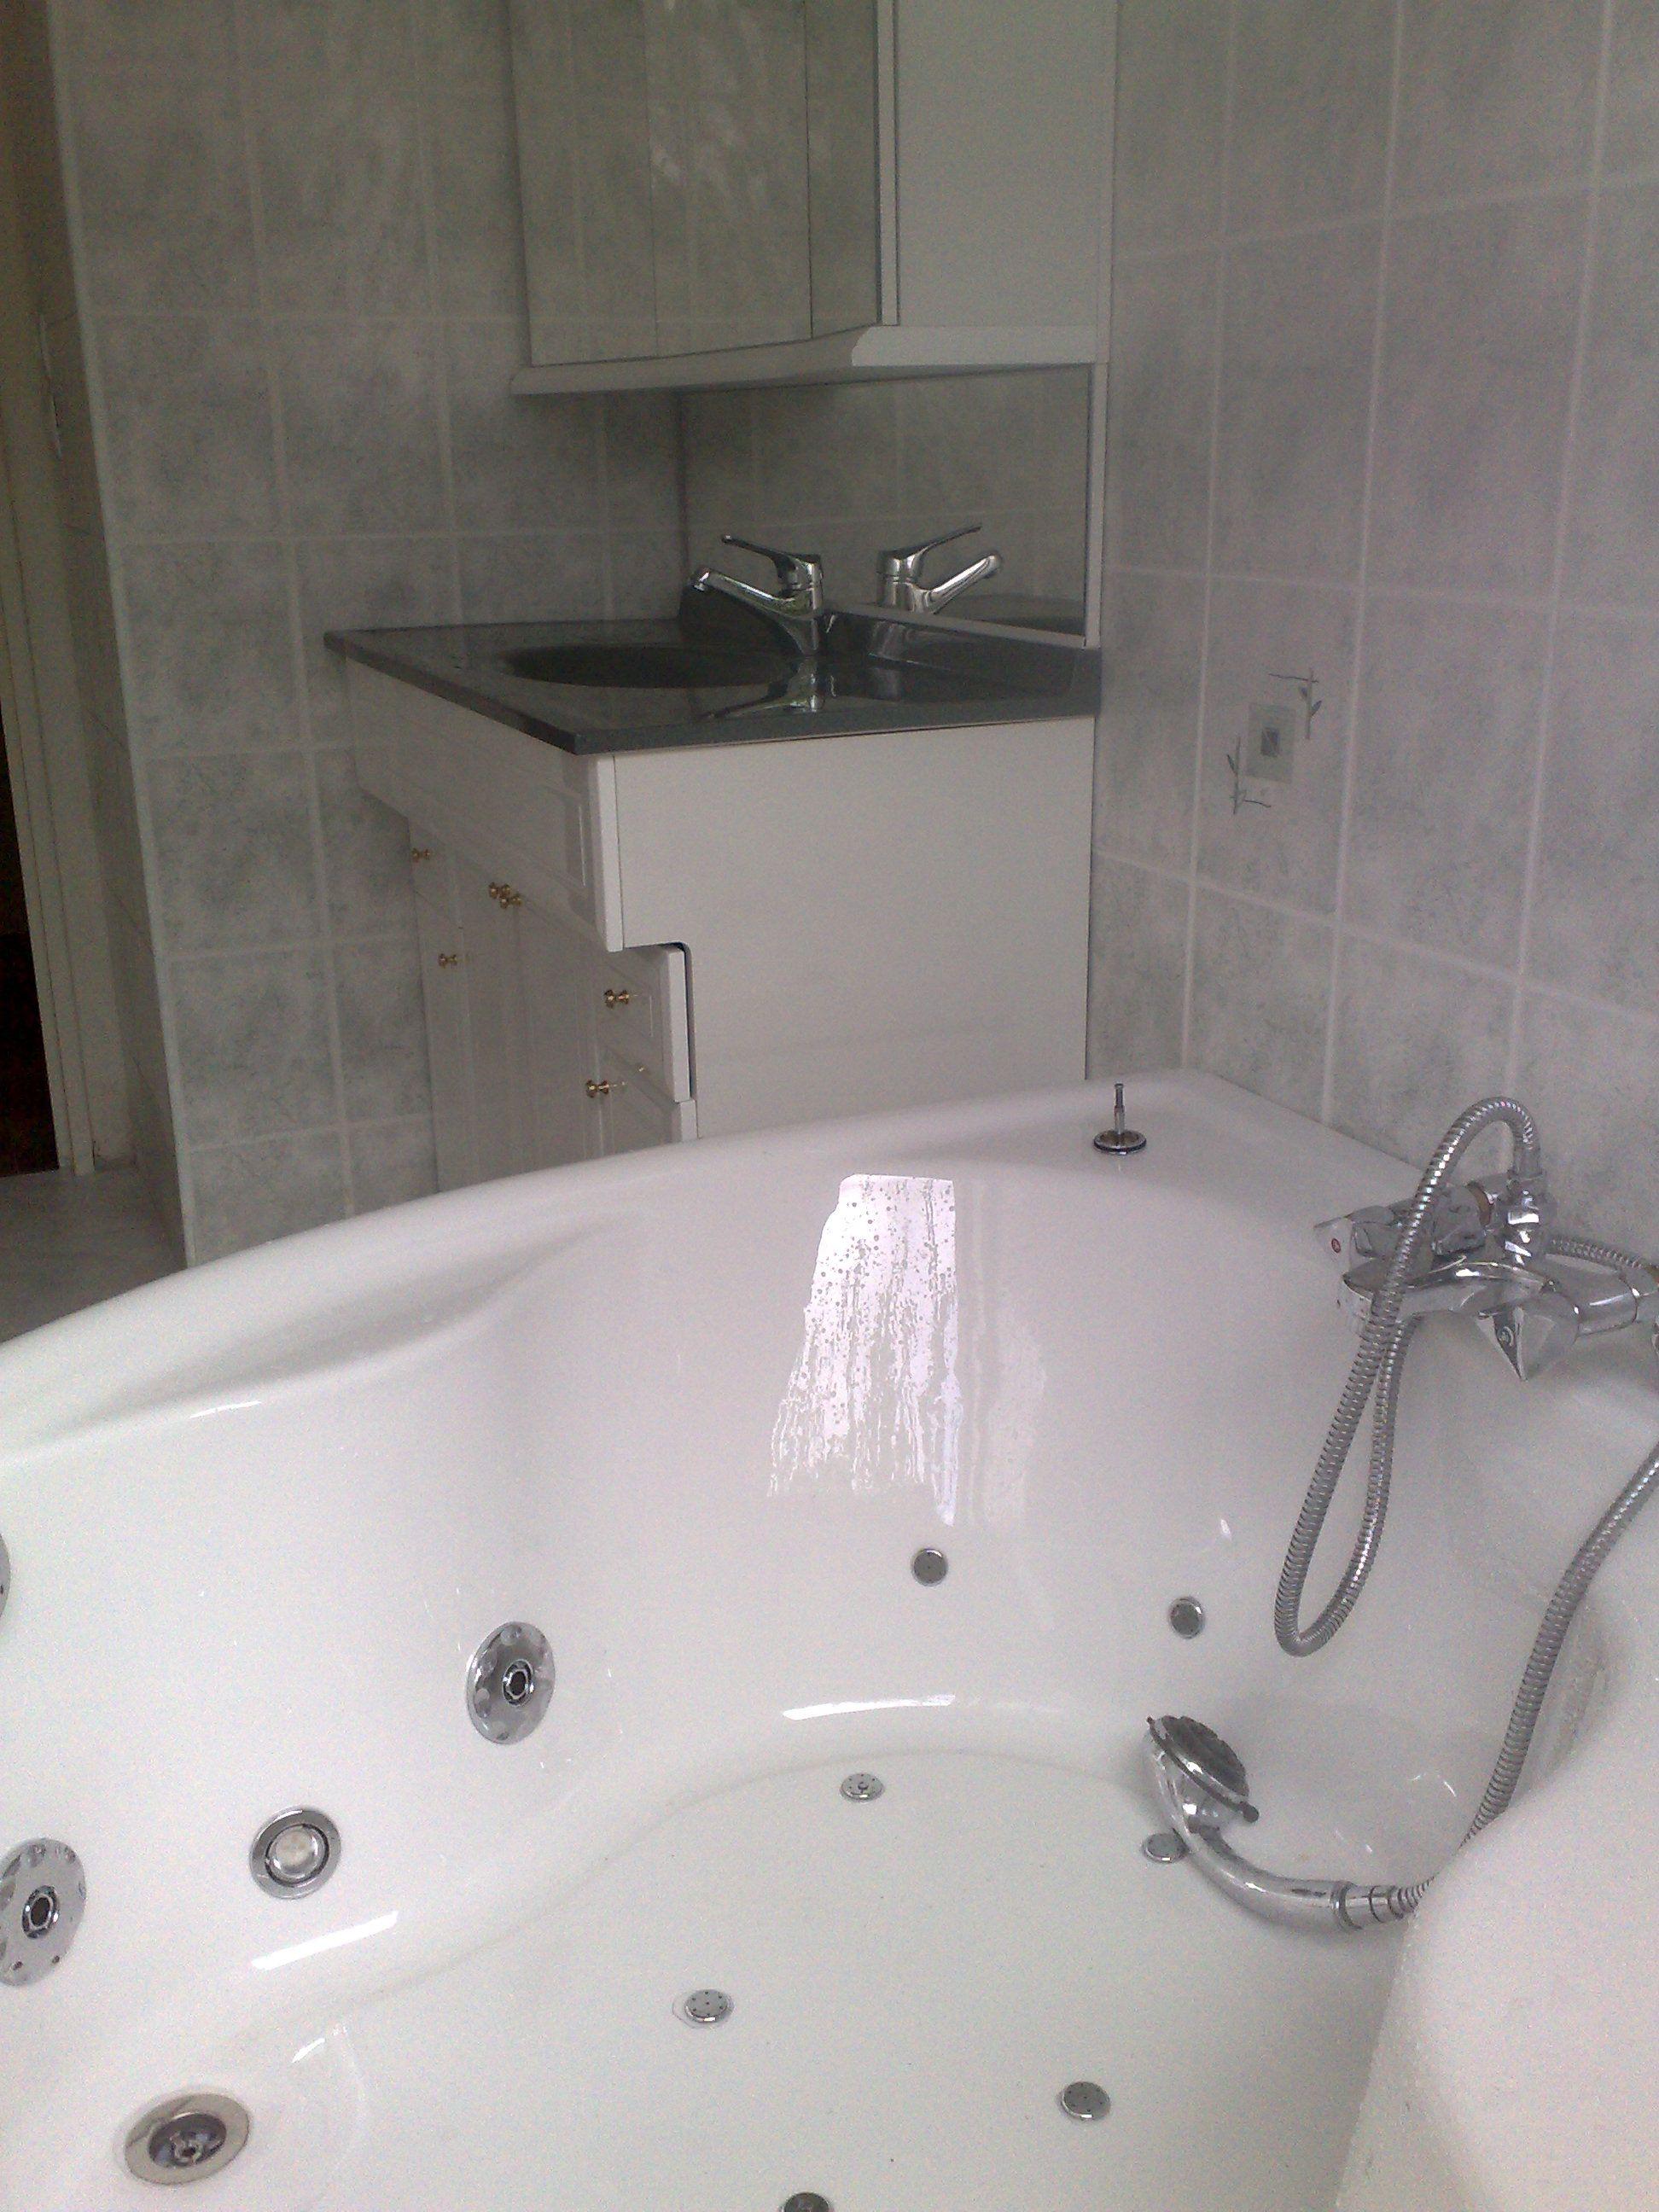 Cr ation de votre salle de bain lyon 06 84 45 46 67 for Creation de salle de bain